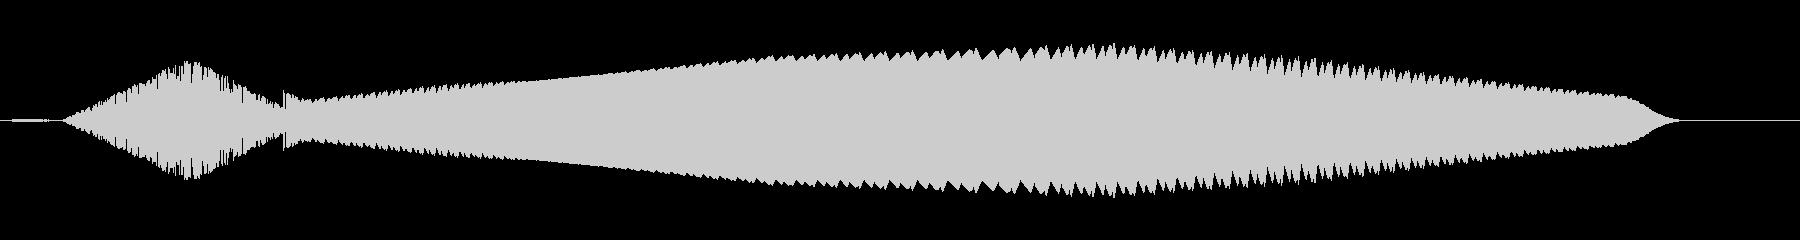 ピロピロ(不思議/ファミコン/SF宇宙の未再生の波形